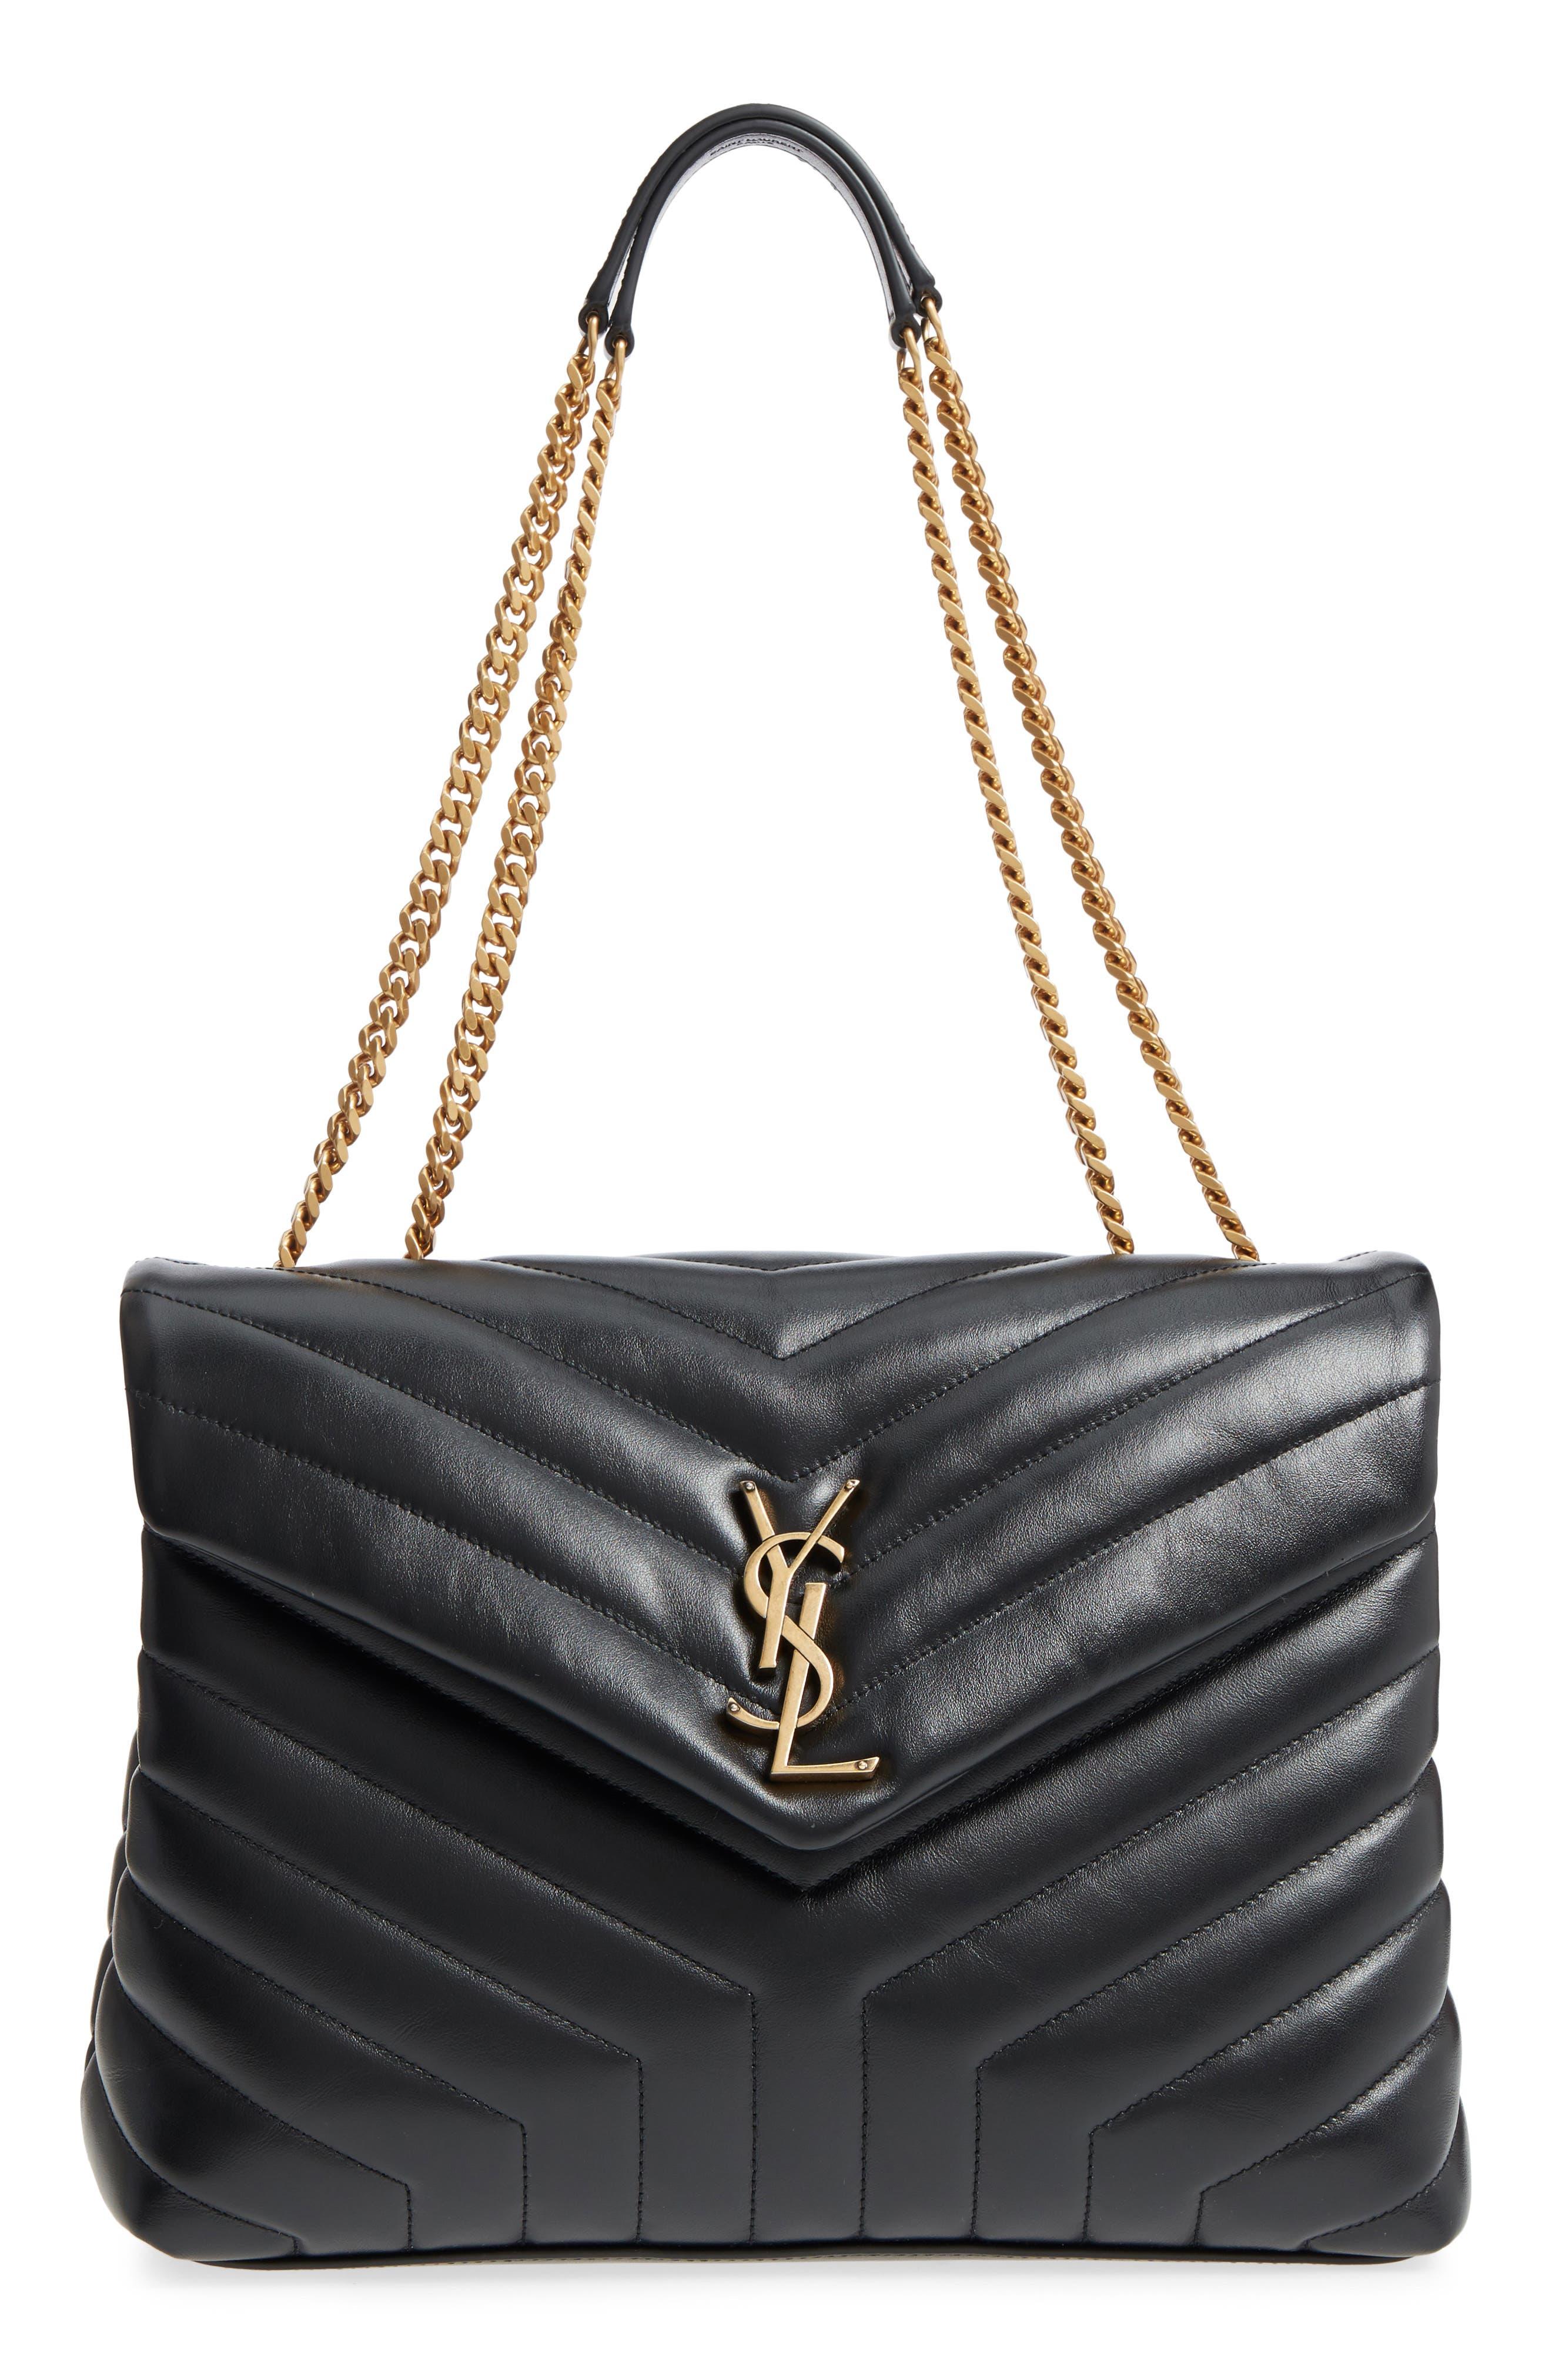 Medium Loulou Matelassé Calfskin Leather Shoulder Bag,                         Main,                         color, NOIR/ GOLD